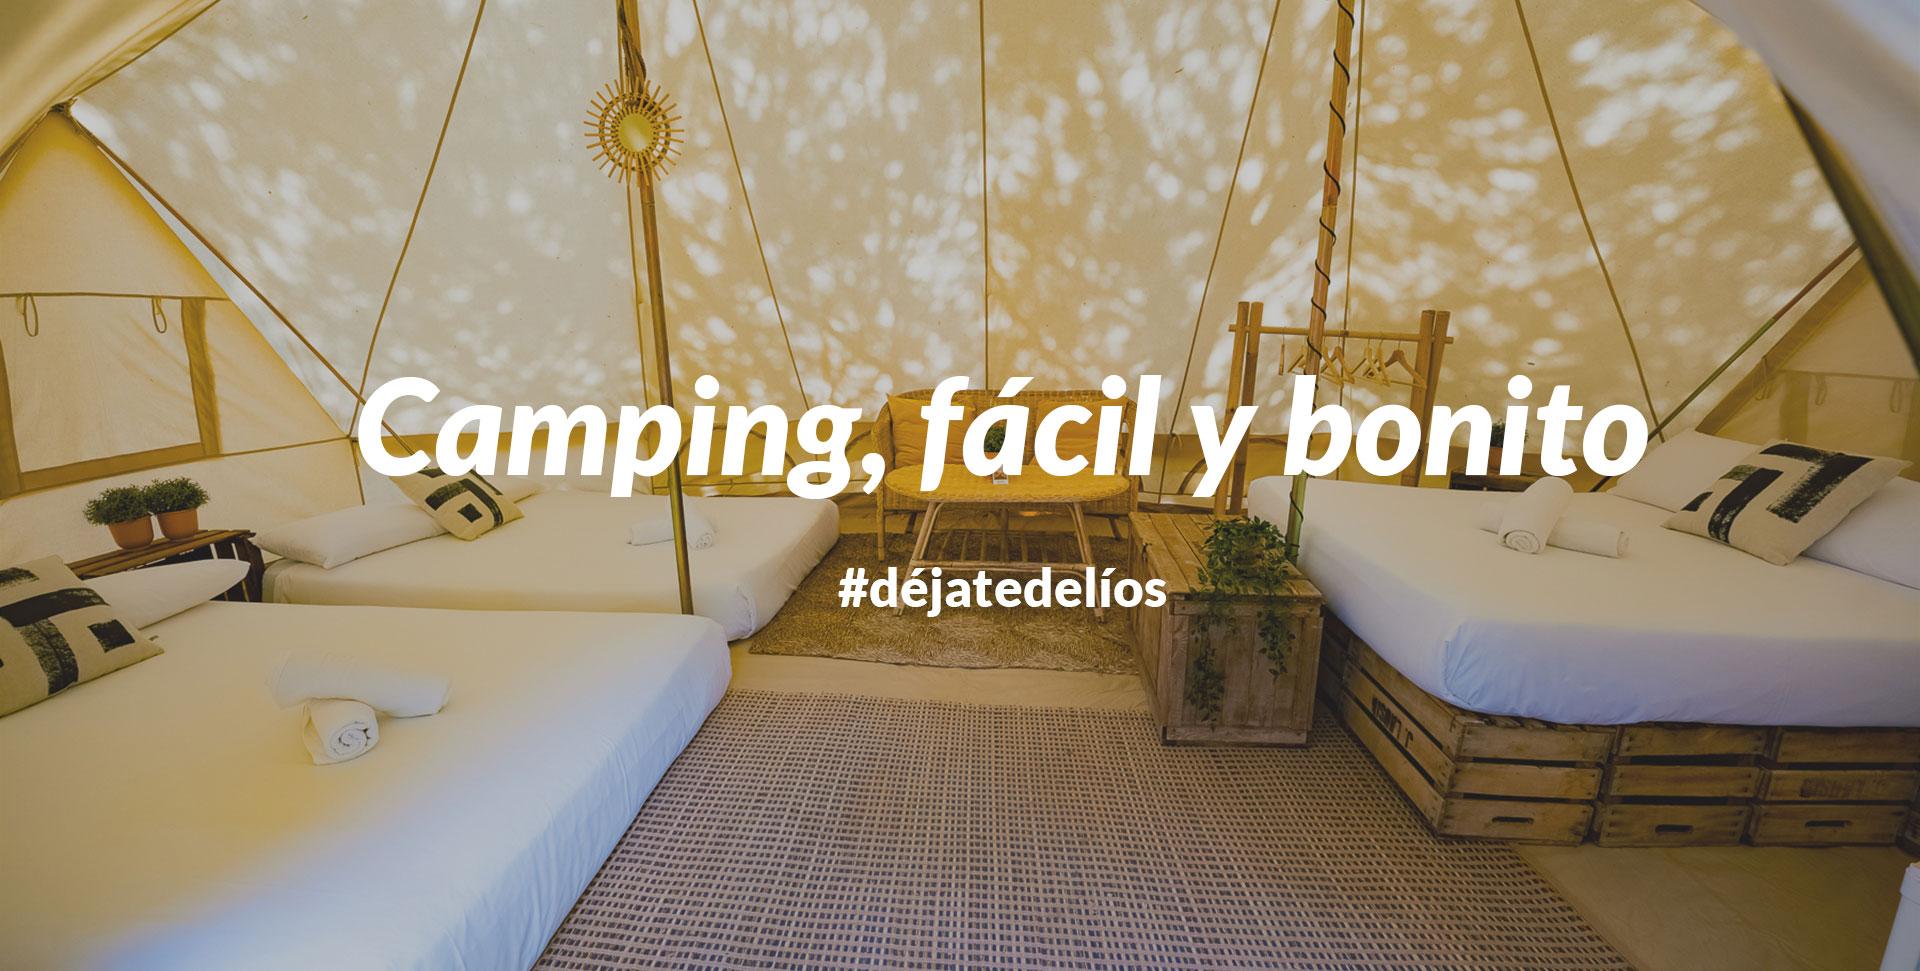 Camping fácil y bonito: Kampaoh